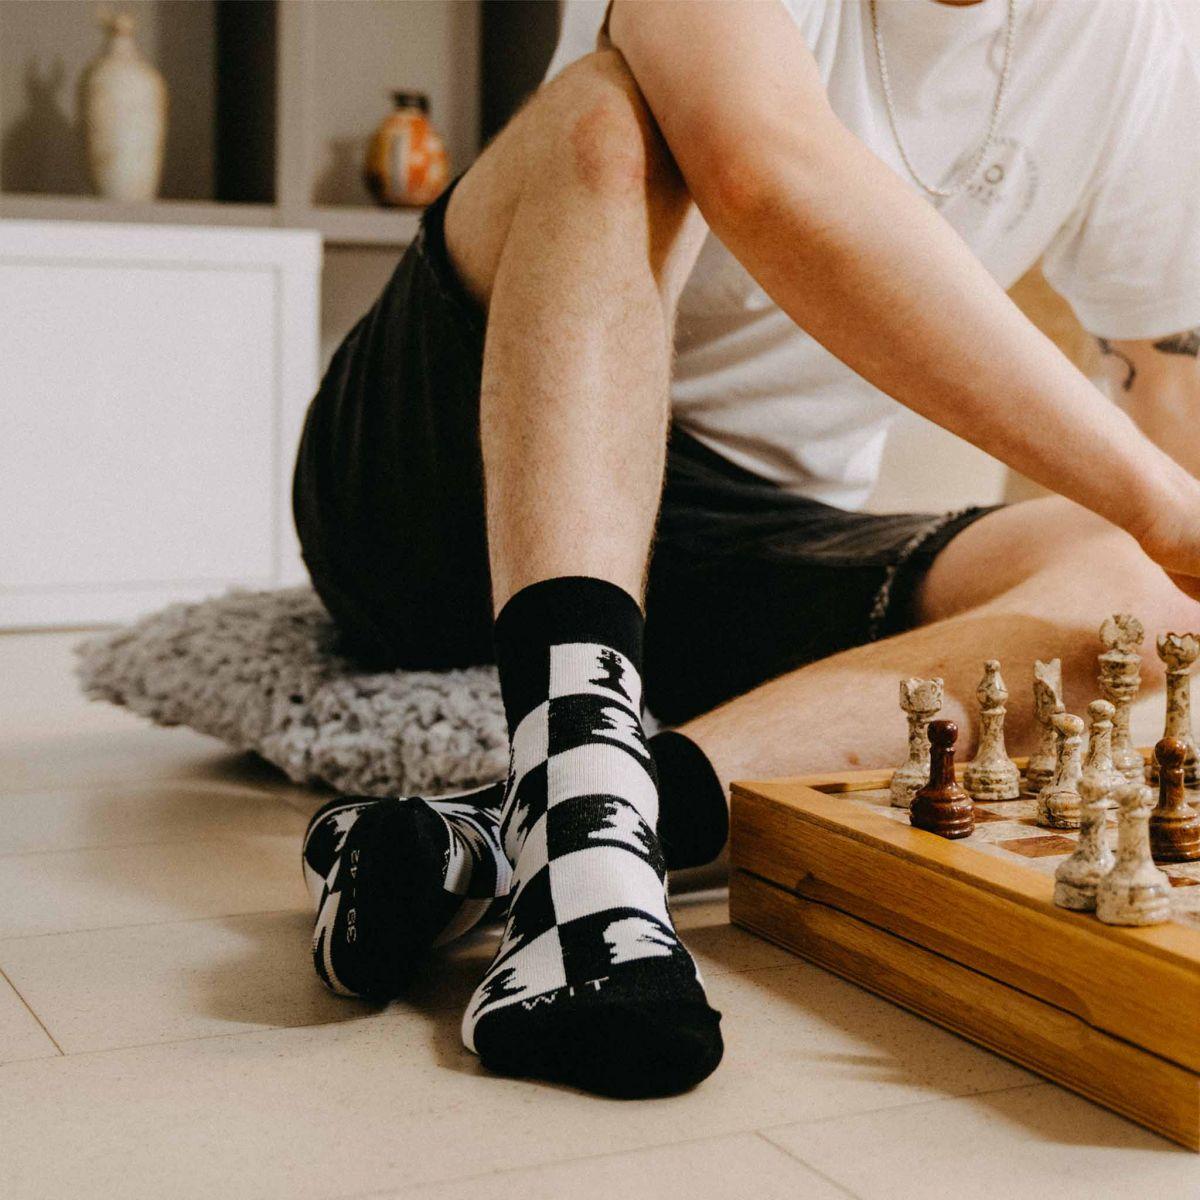 Ponožky - Šach p3